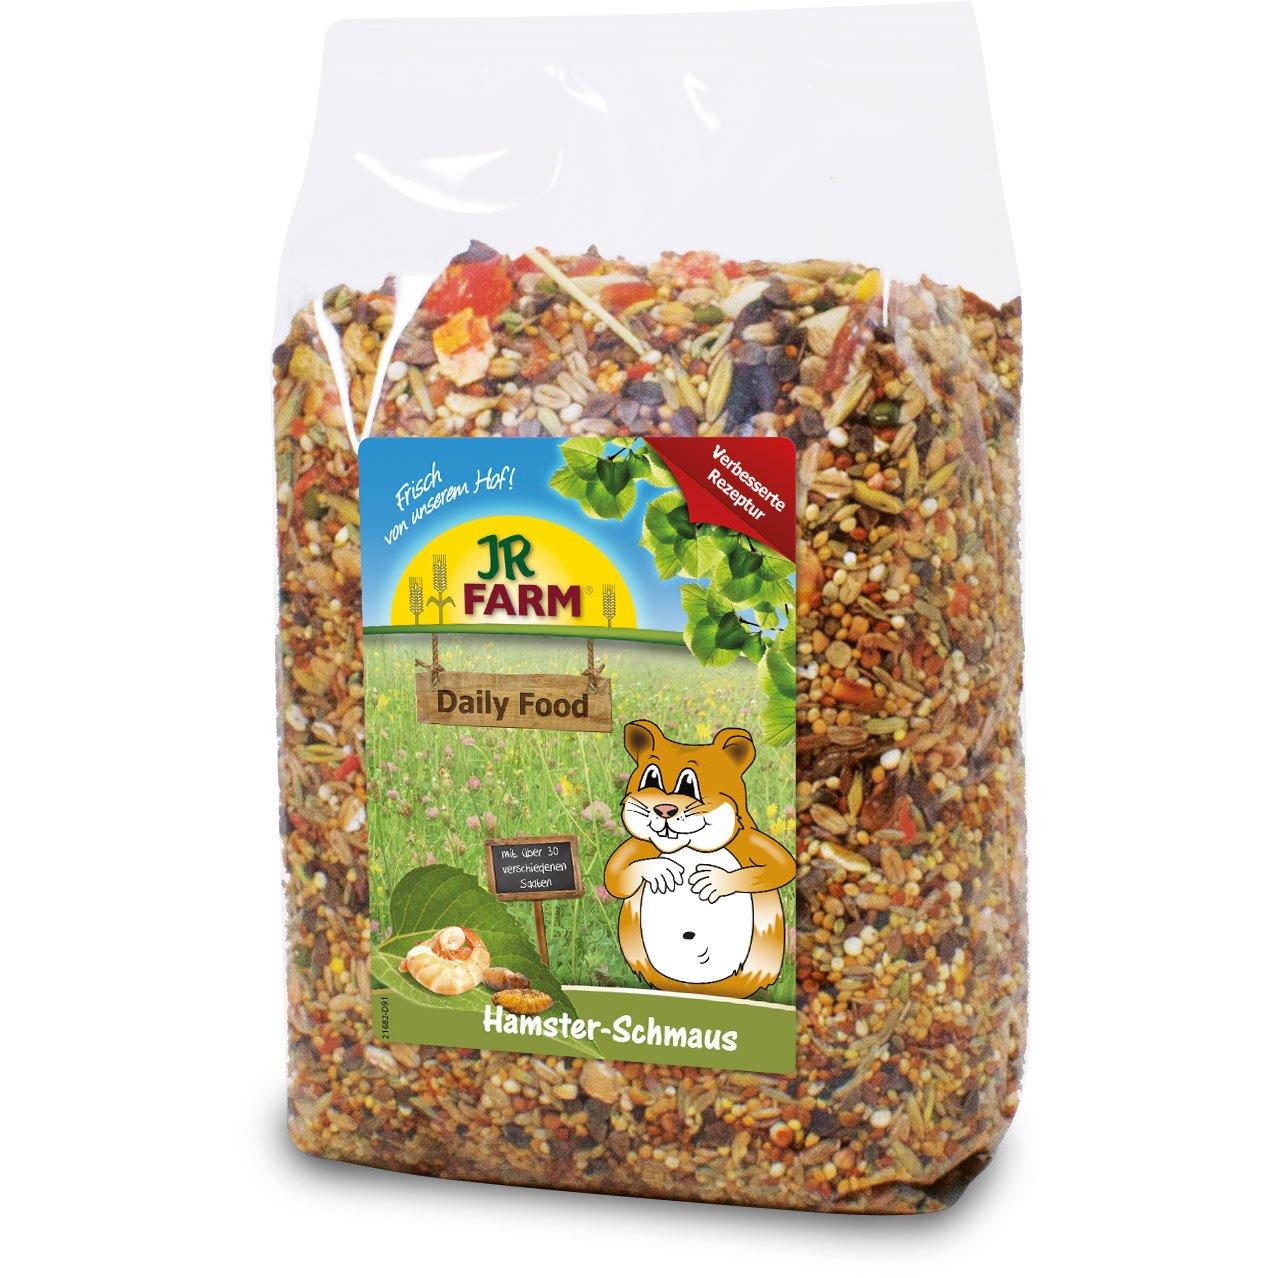 JR Farm Hamster-Schmaus Hamsterfutter, 600g